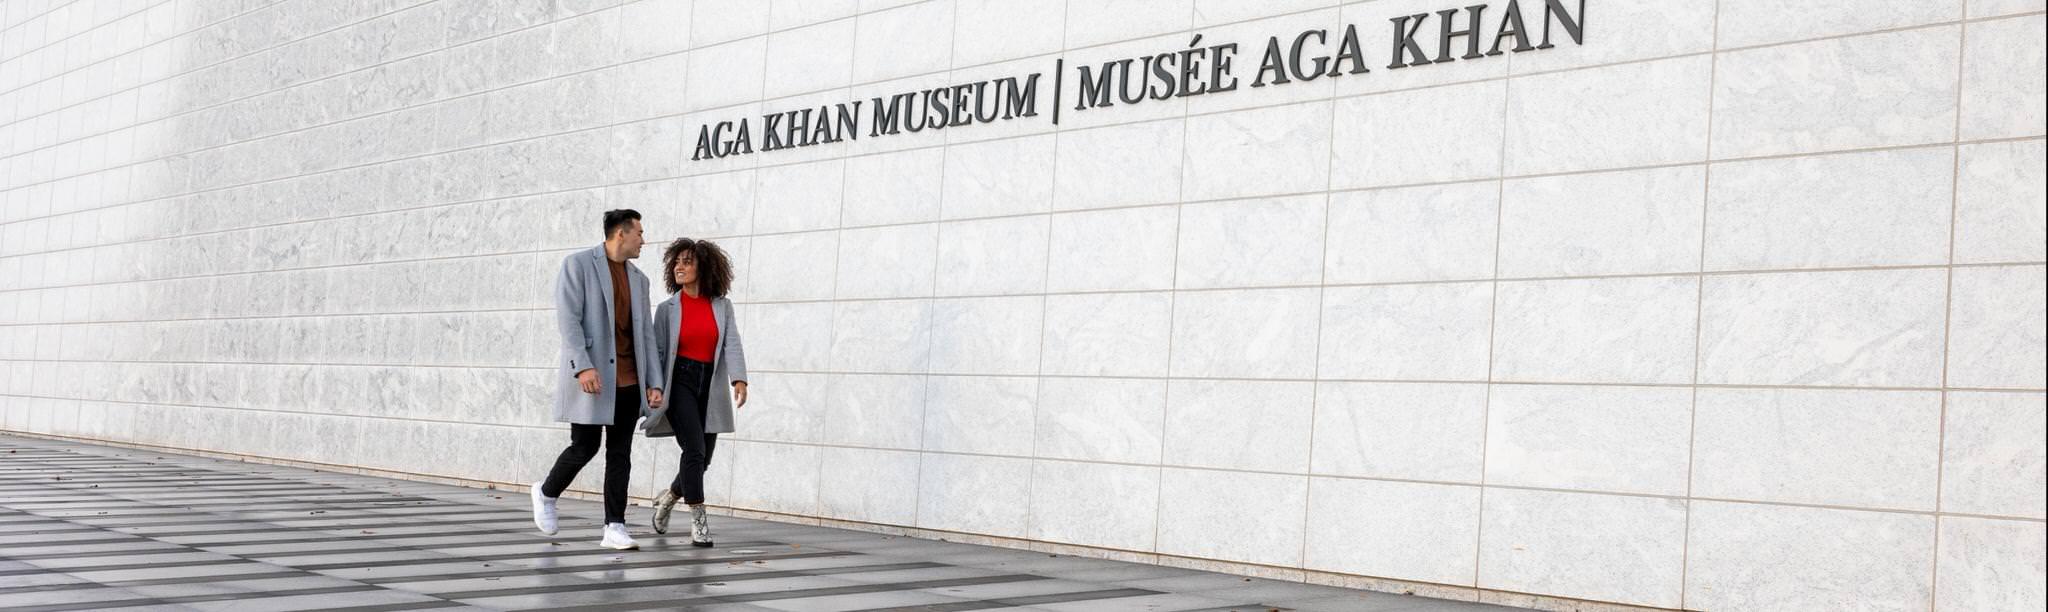 A couple walks outside the Aga Khan Museum